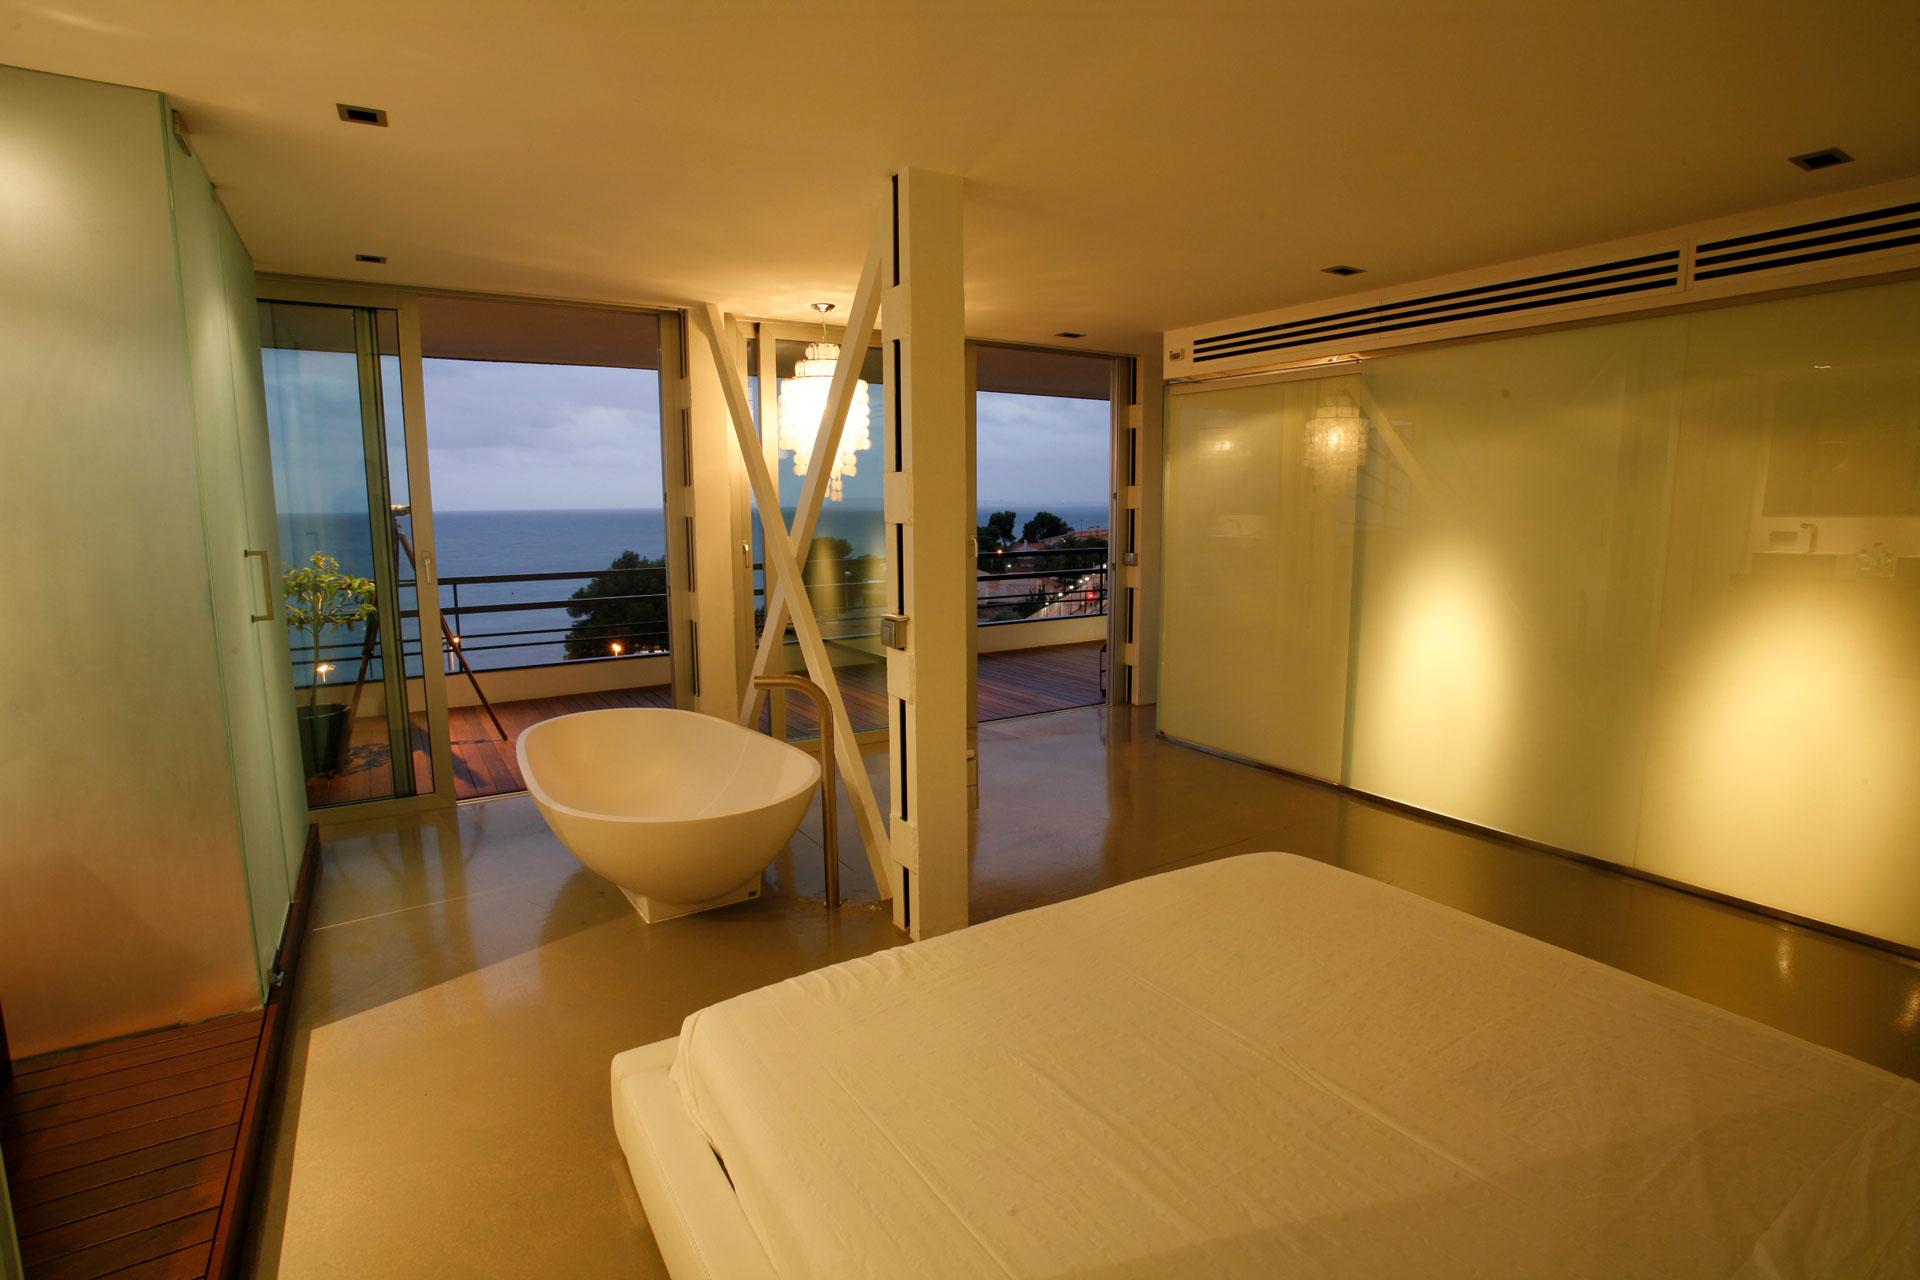 Proyecto arquitectónico en la Albufereta de Alicante. Detalle dormitorio